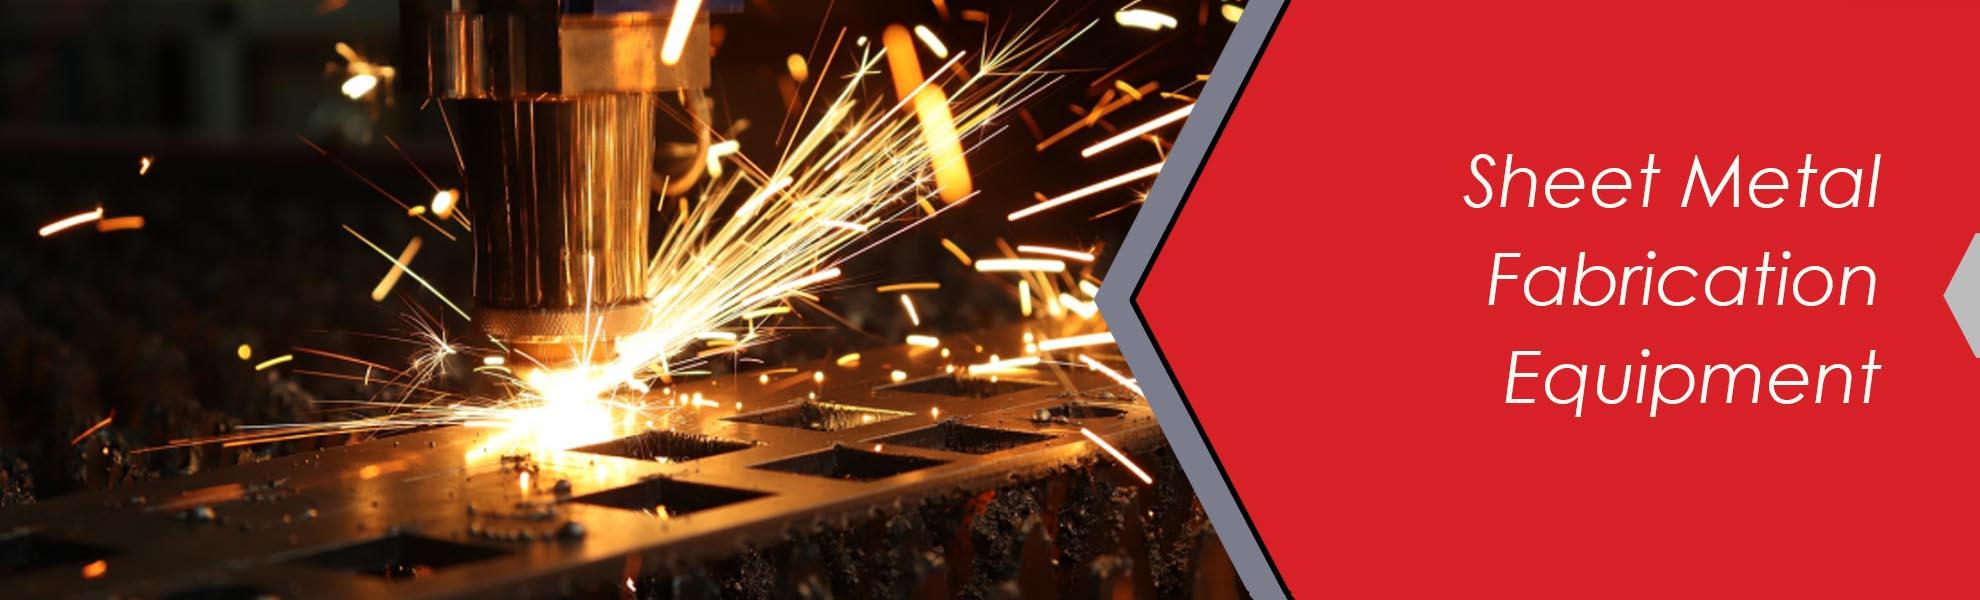 MCM banner 3 Sheet Metal Fabrication